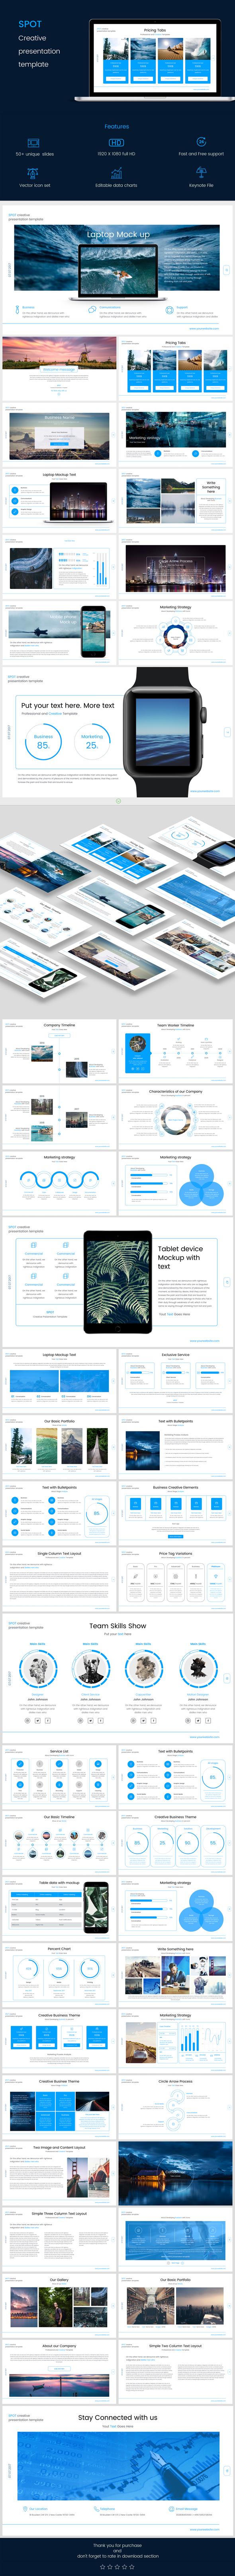 GraphicRiver Spot Keynote 20590703